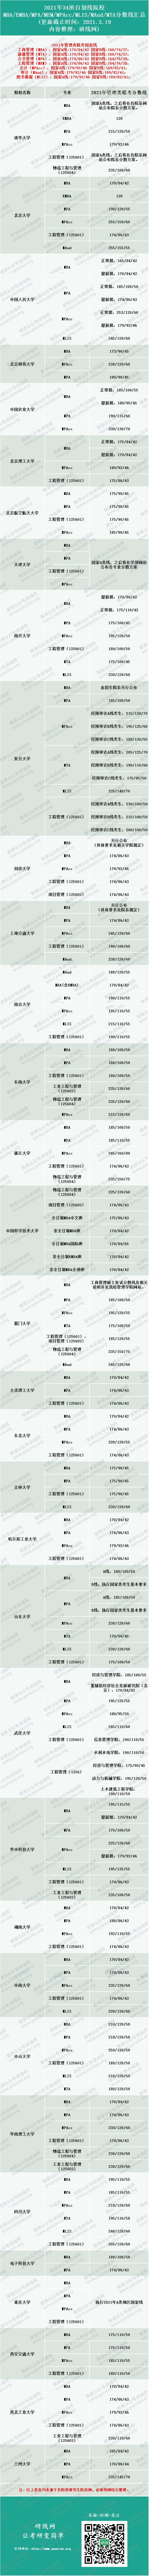 2021考研分数线:34所自划线院校管理类联考(MBA/EMBA/MPA/MEM/MPAcc/MLIS/MAud/MTA)复试分数线汇总